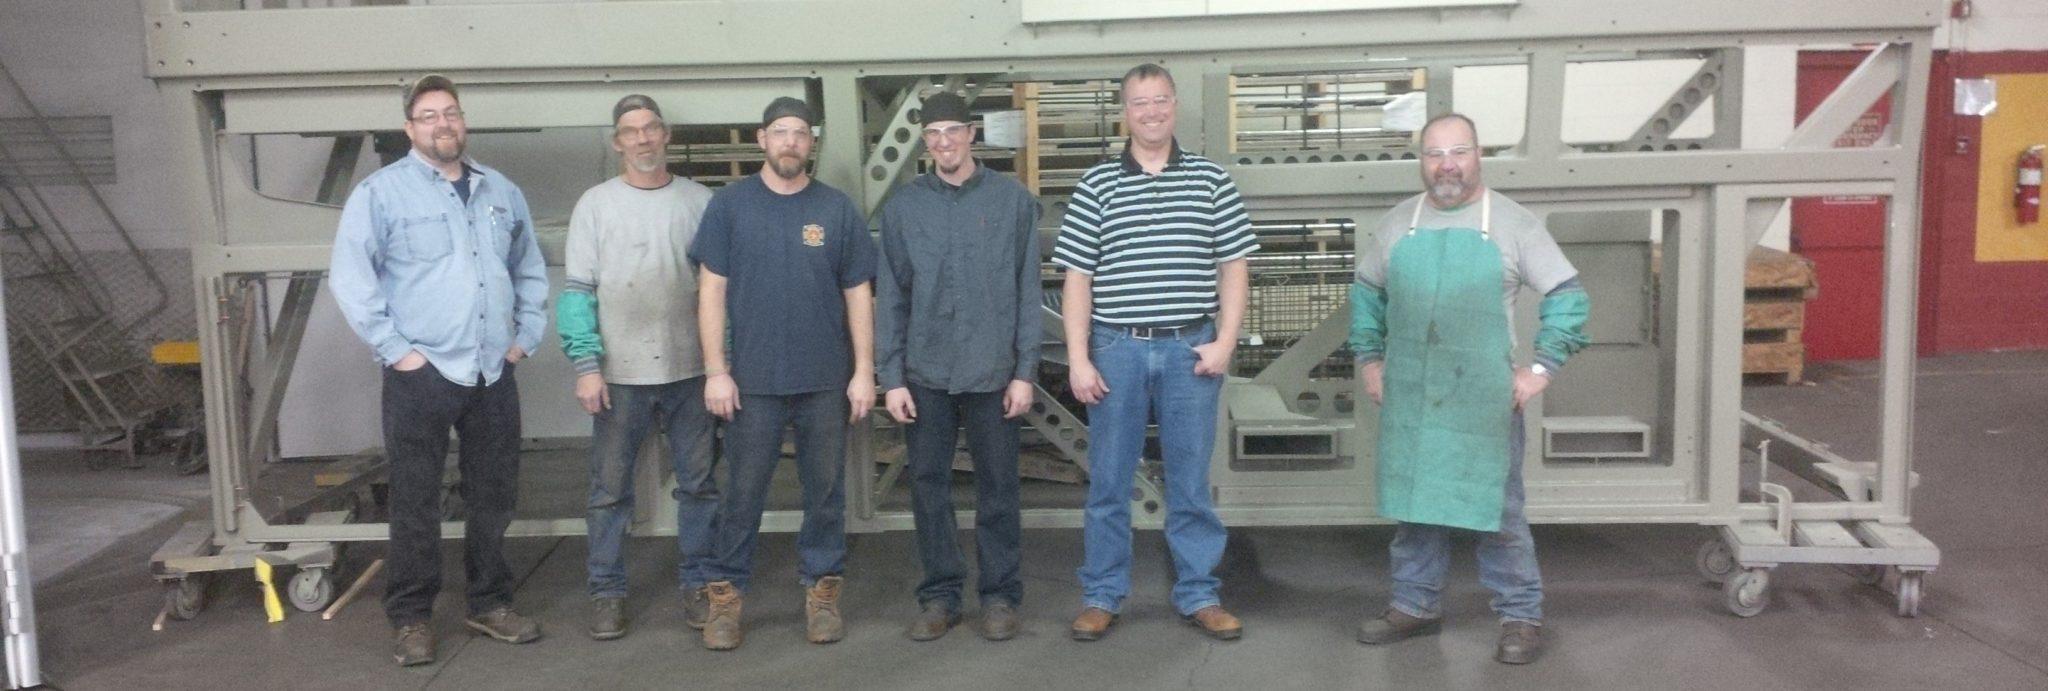 custom engineering team